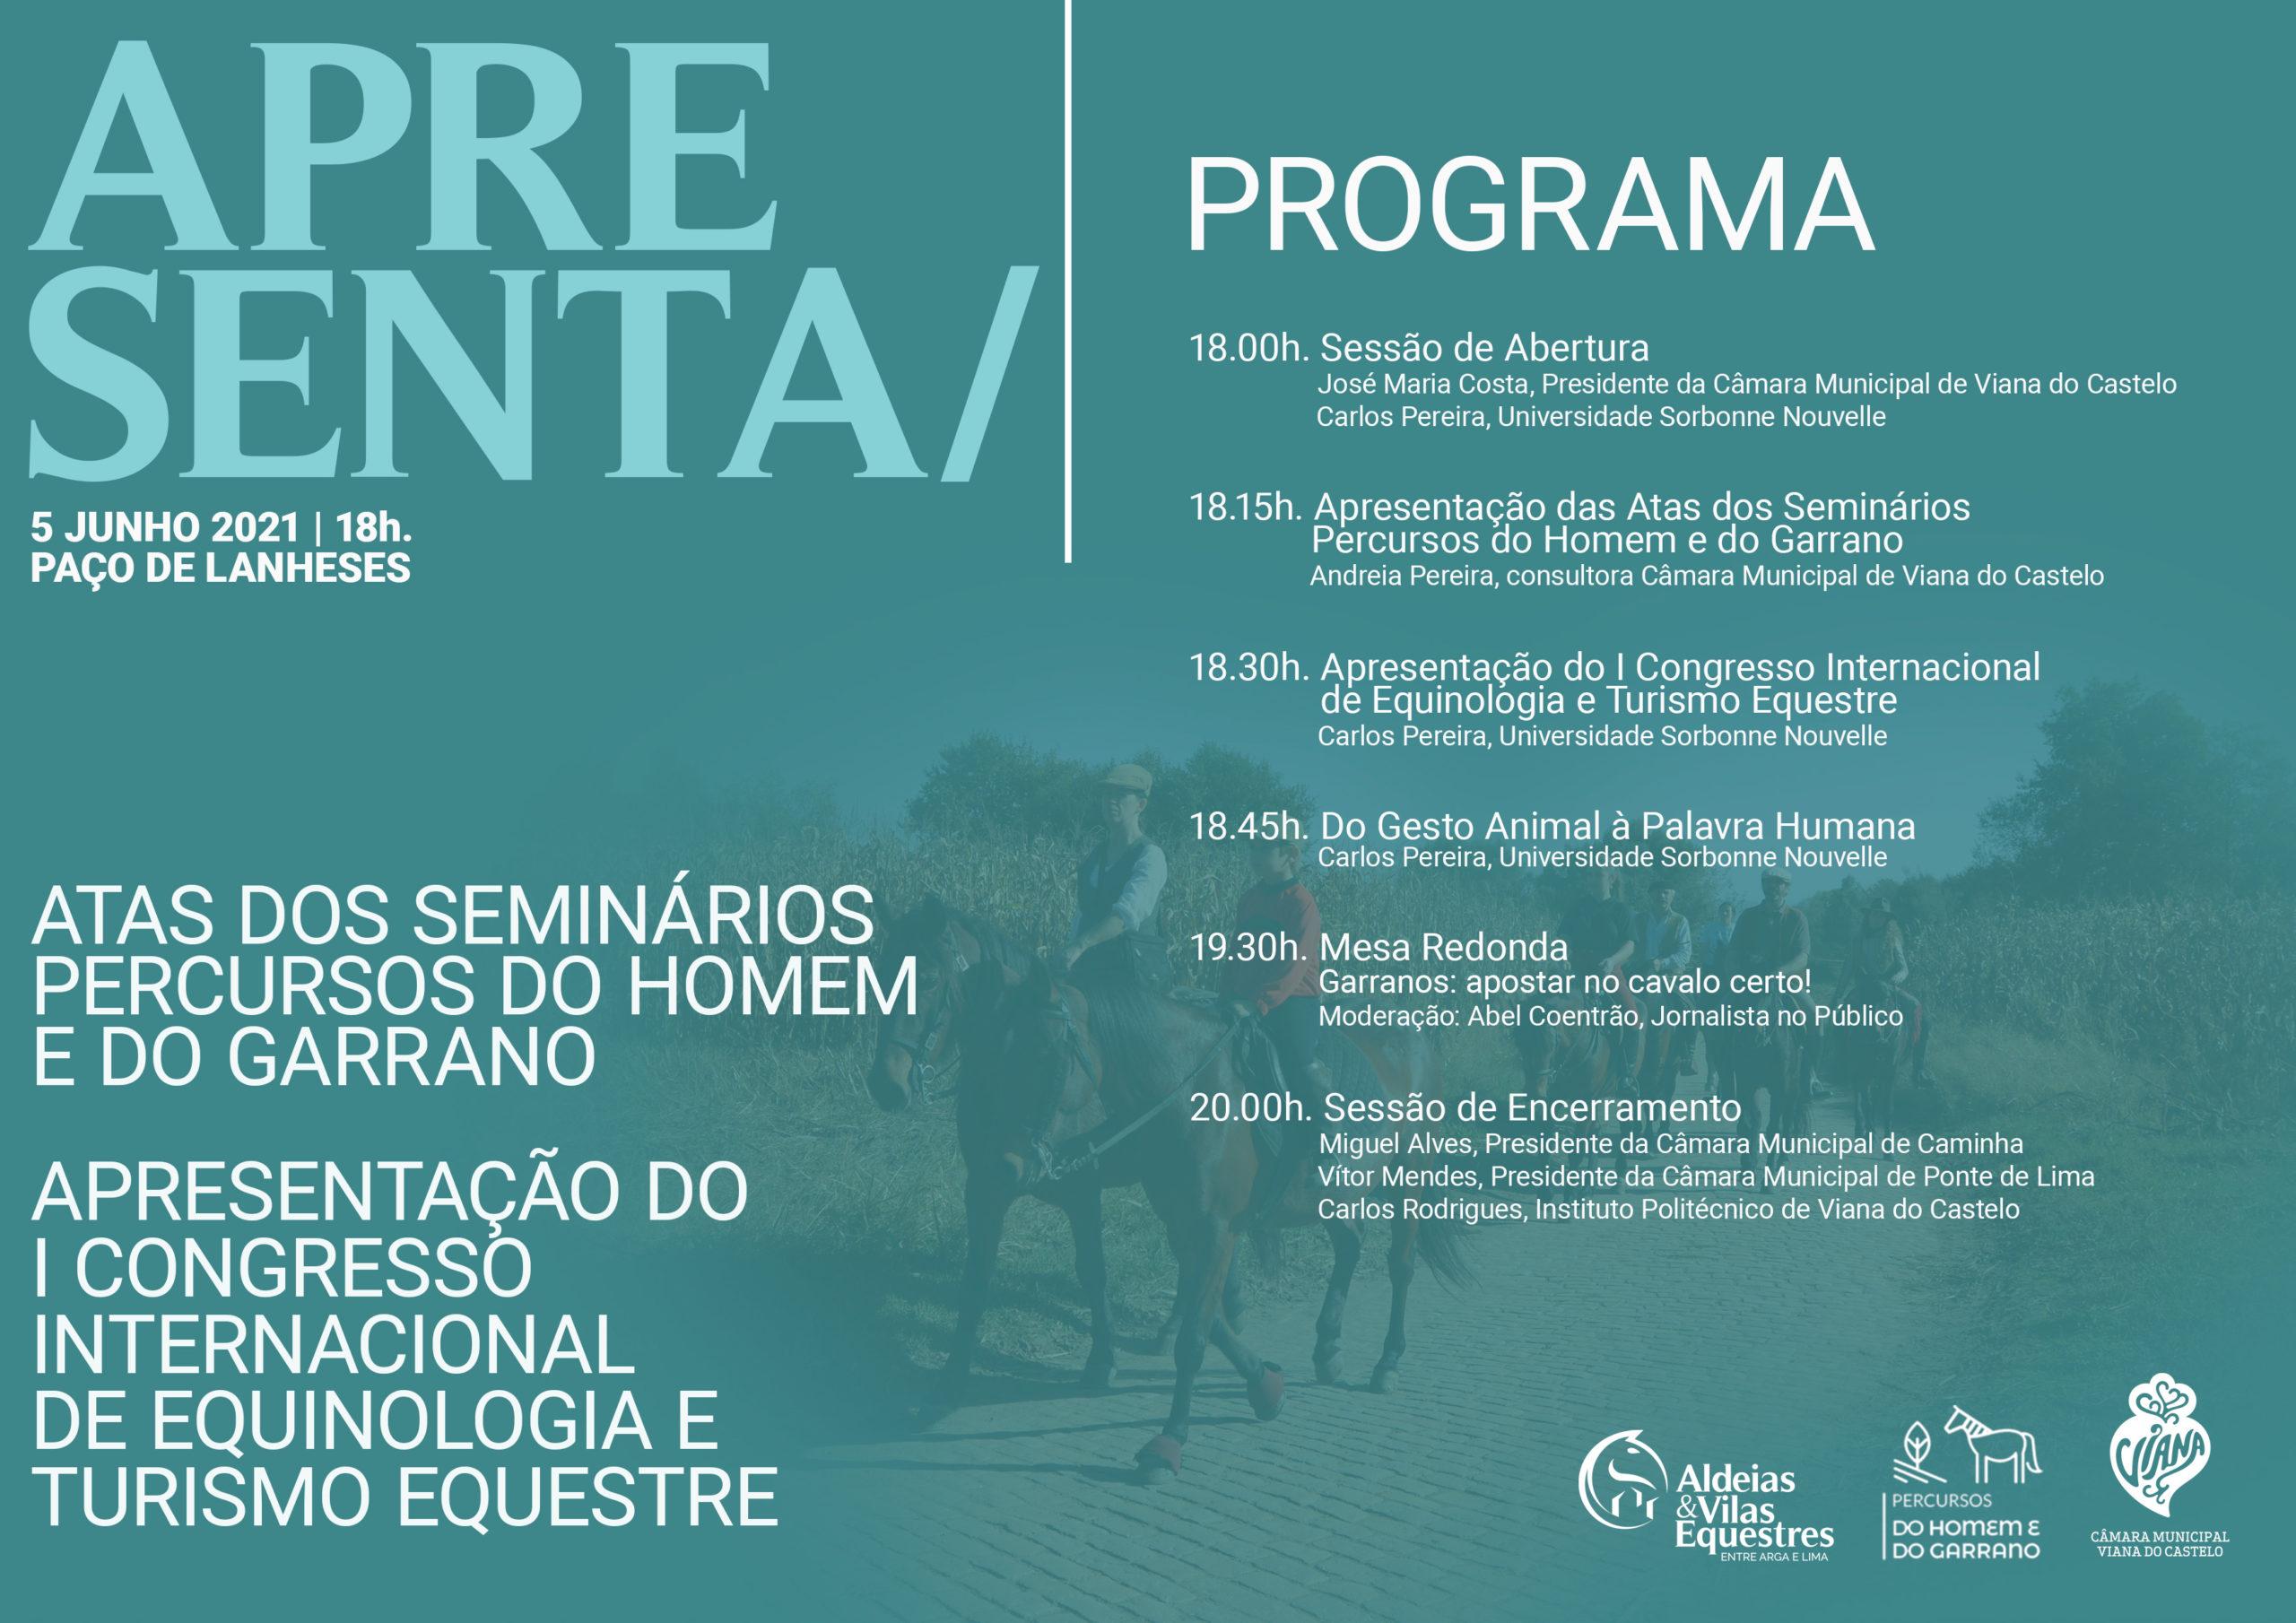 Apresentação do I Congresso Internacional de Equinologia e Turismo Equestre